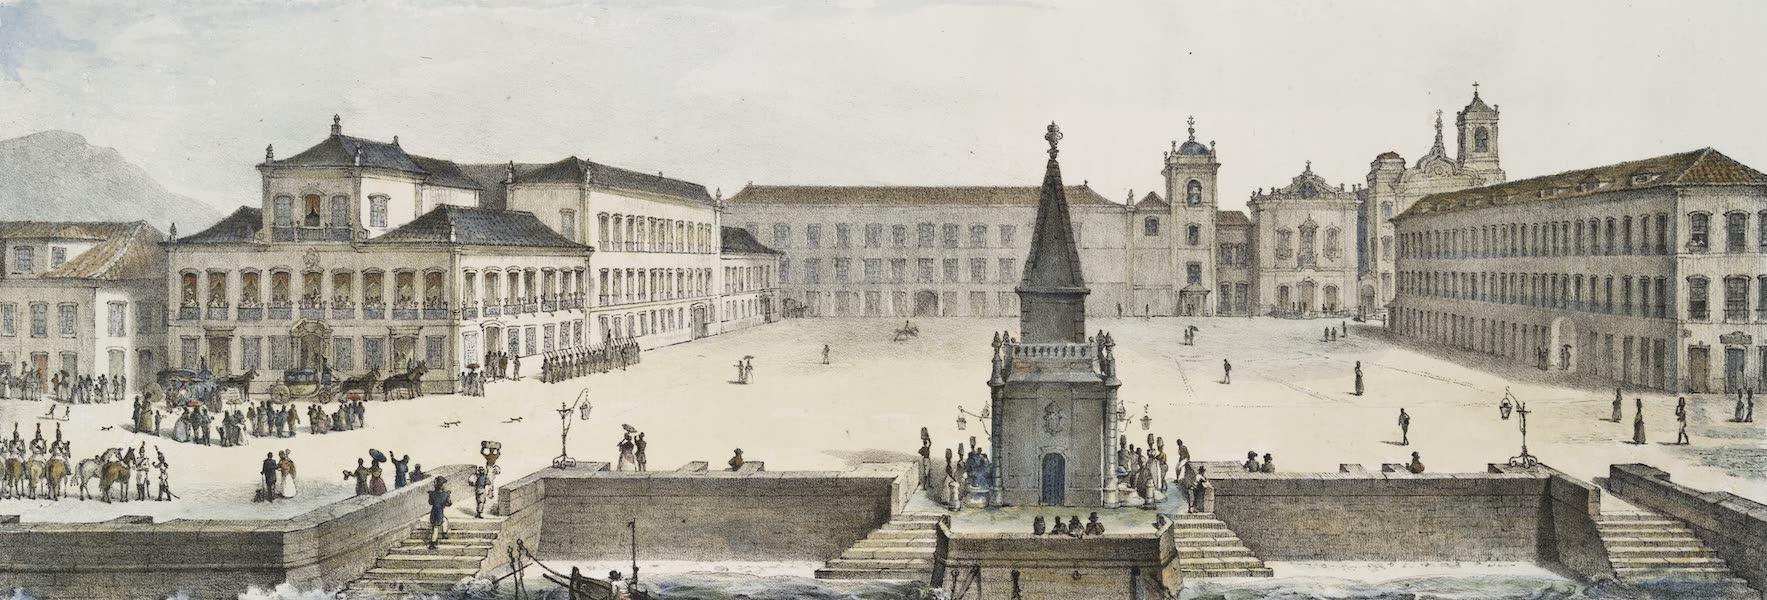 Voyage Pittoresque et Historique au Bresil Vol. 3 - Vue de la Place du Palais a Rio de Janeiro (1839)